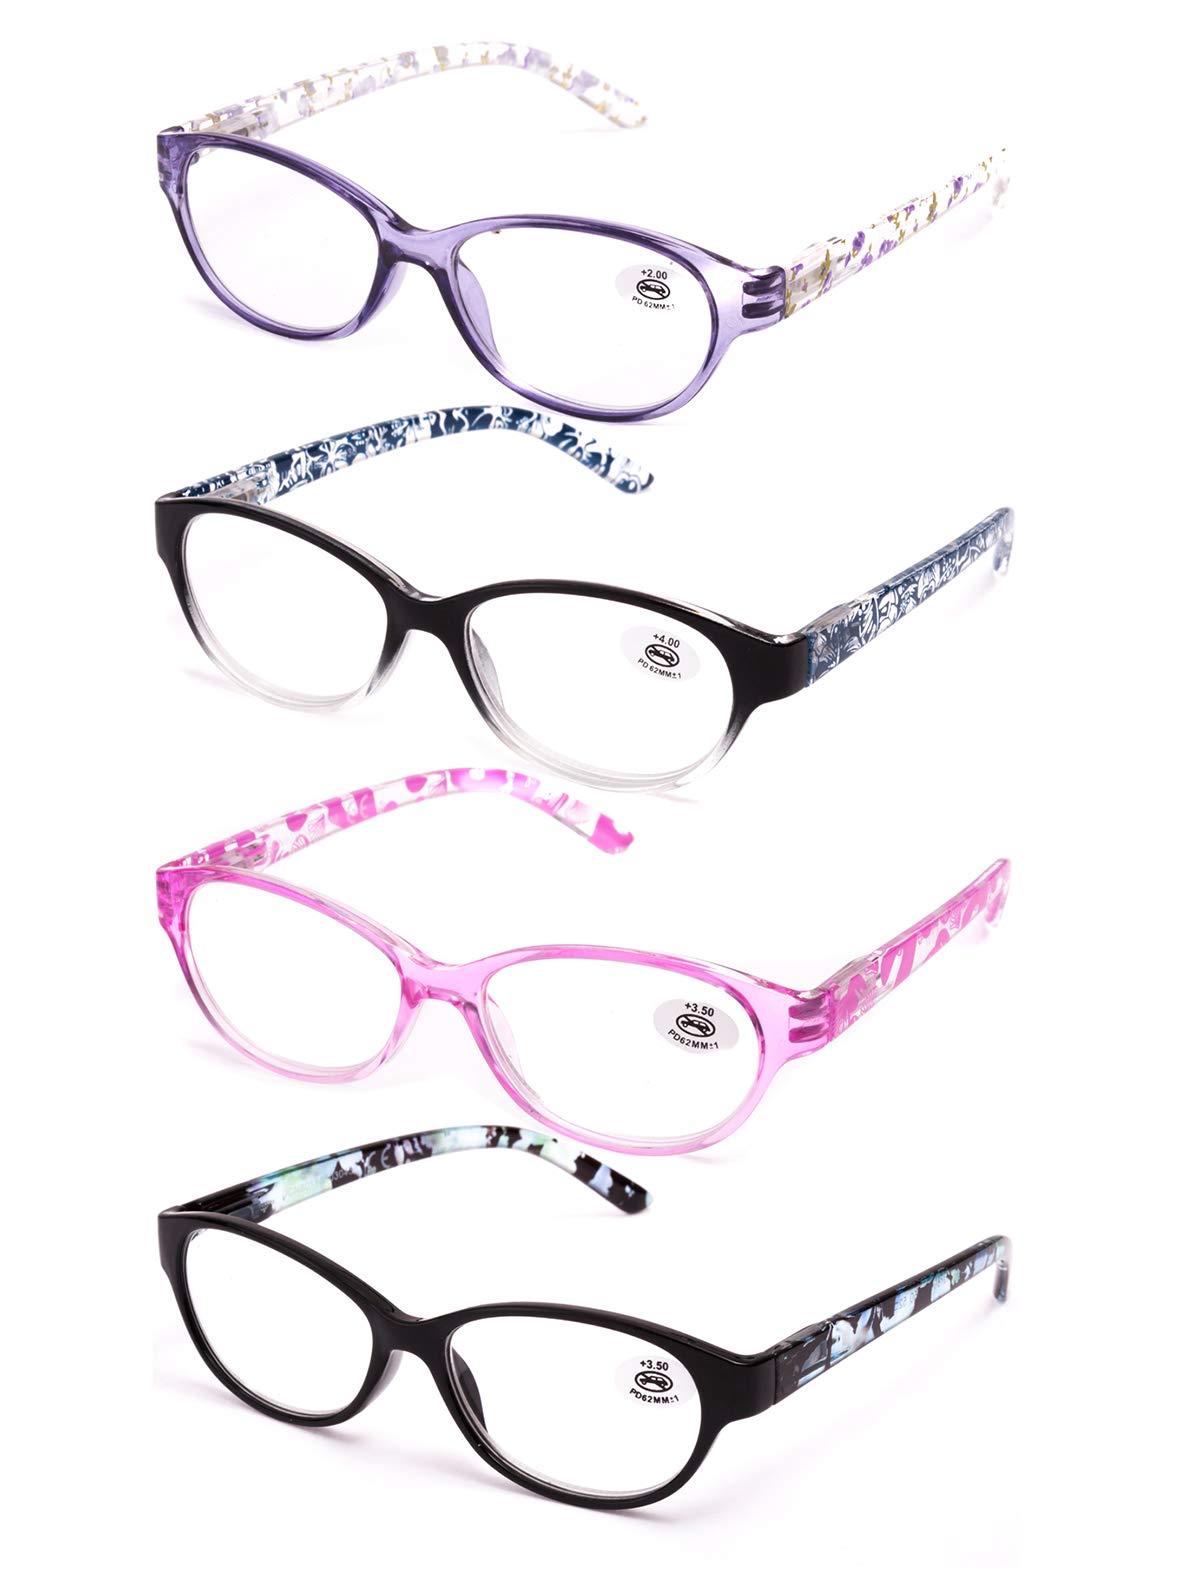 Mejor valorados en Gafas de lectura   Opiniones útiles de nuestros ... 140f5ec55a55